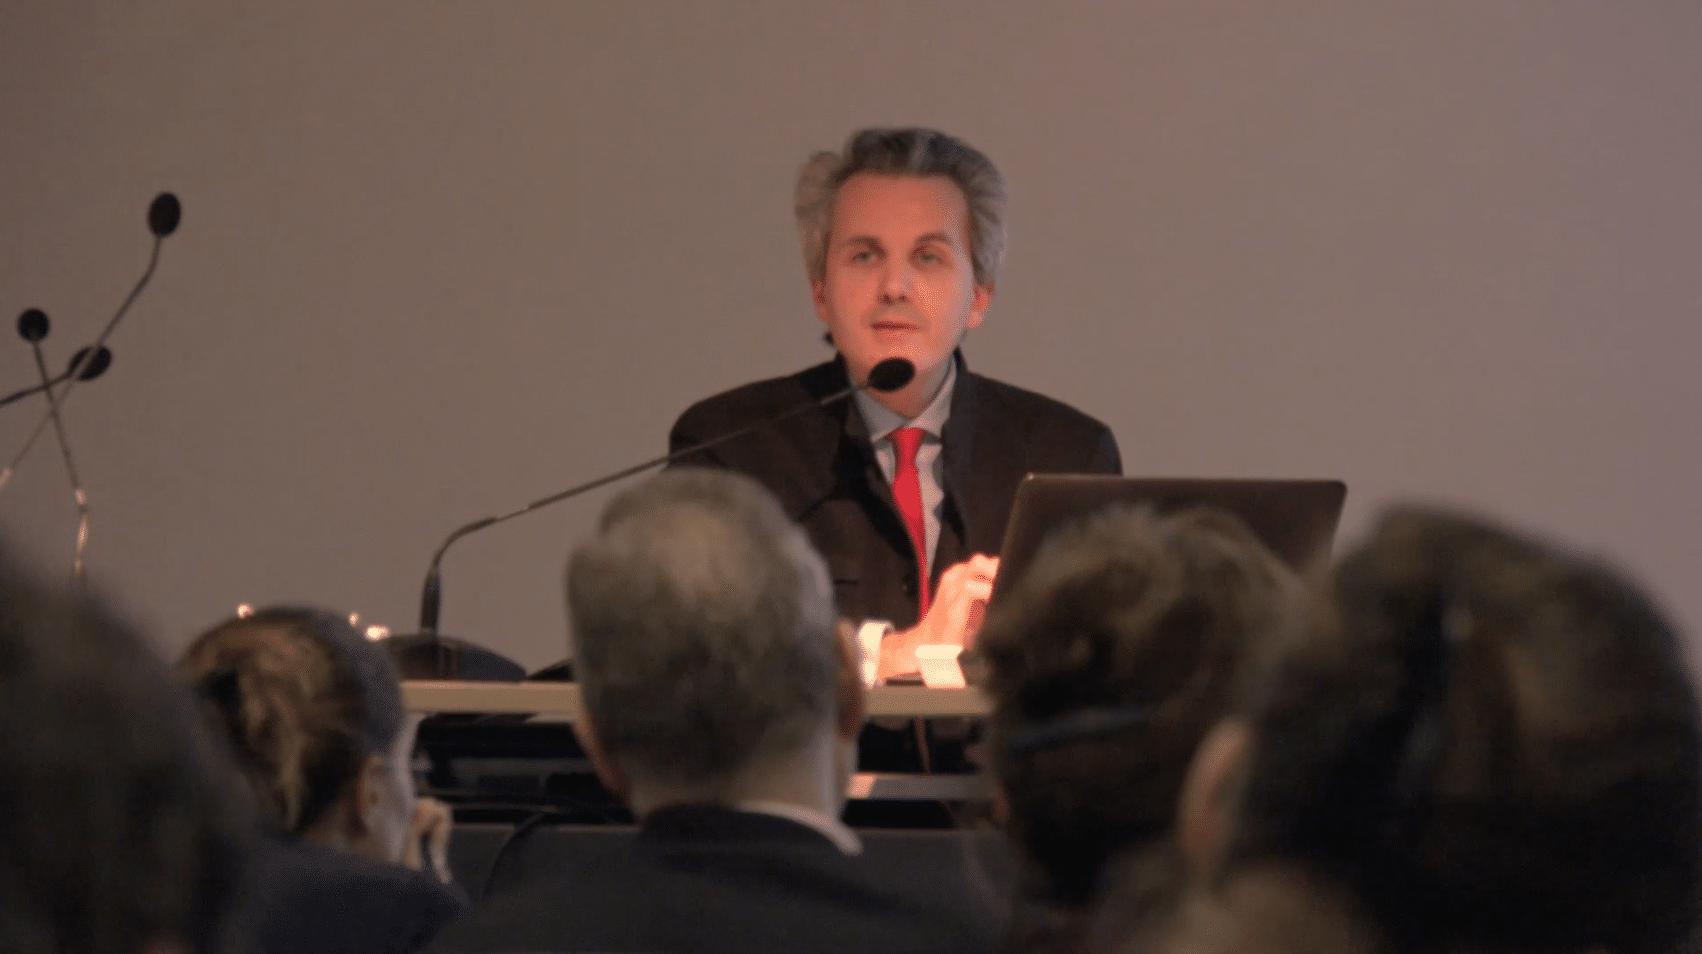 L'essor des neurosciences : faut-il parler de désubjectivation ?